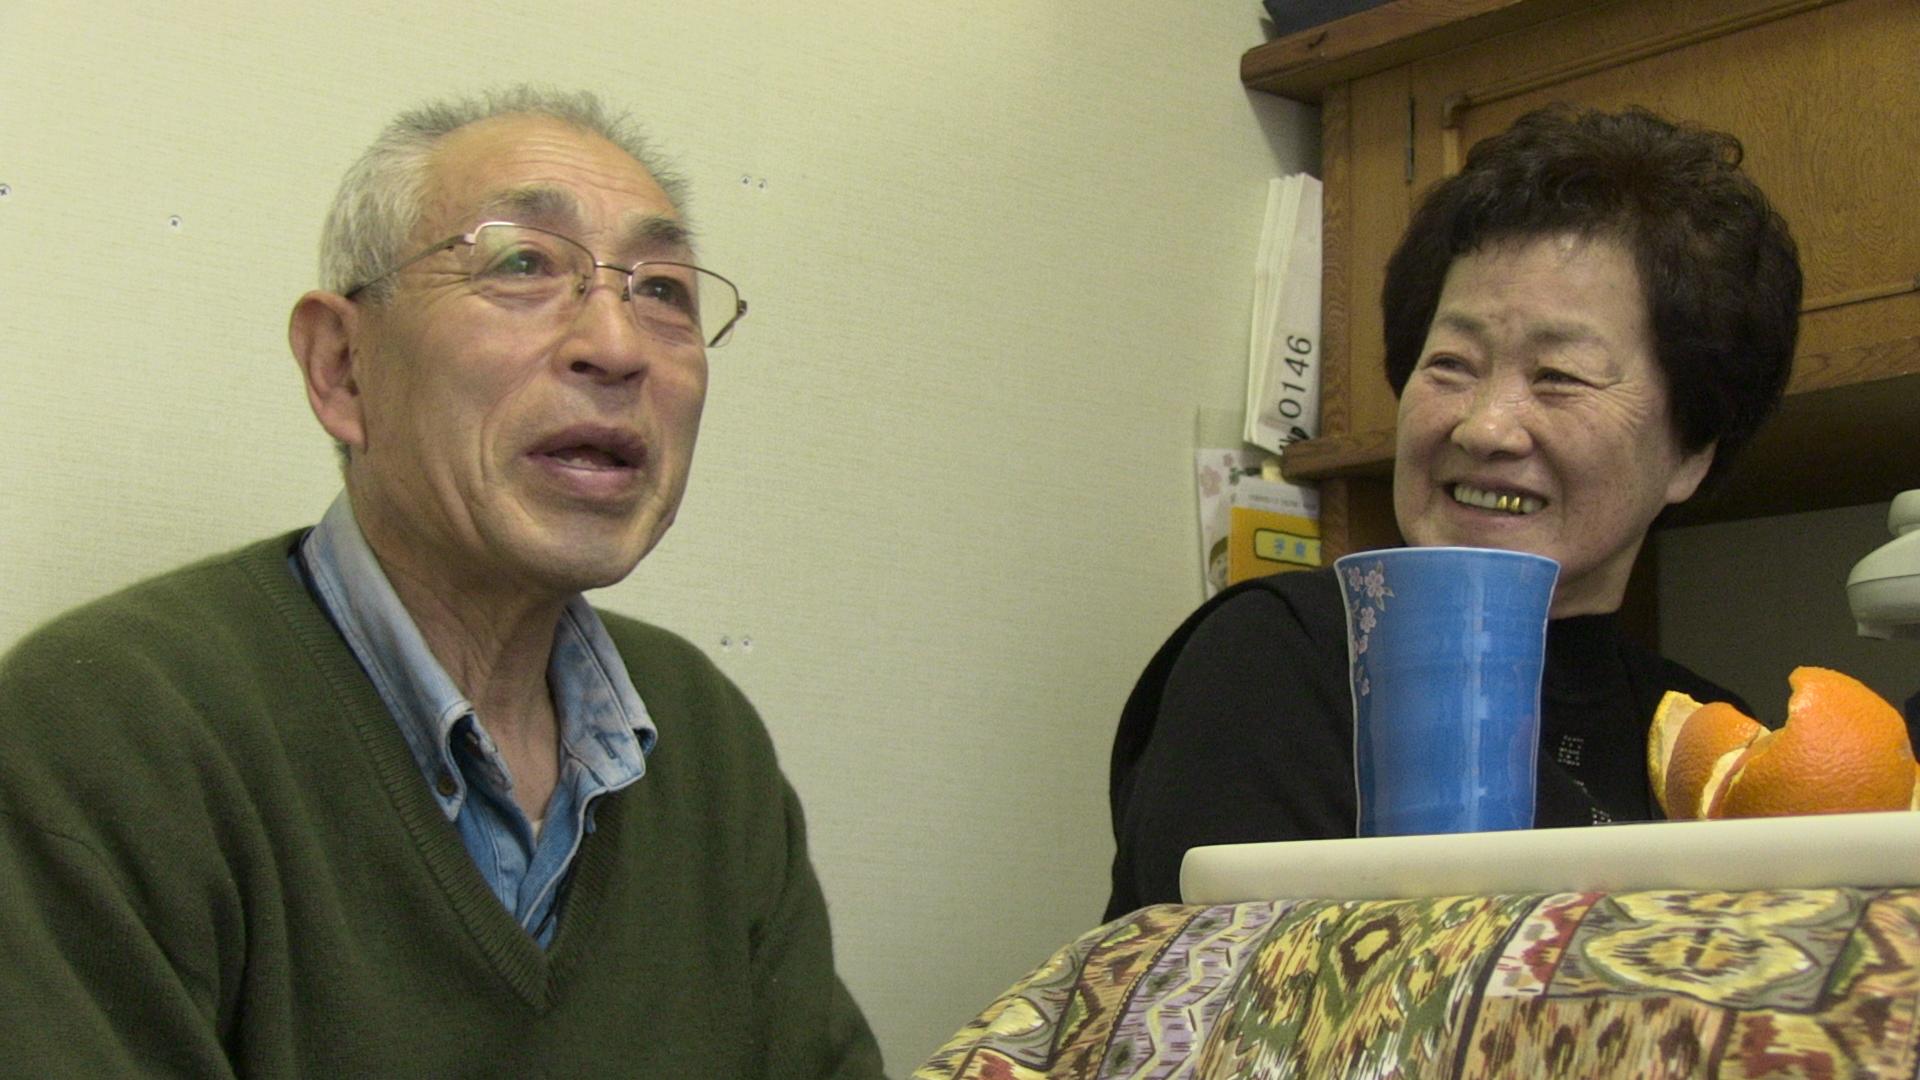 otsuchi grandpa grandma interview framegrab.JPG